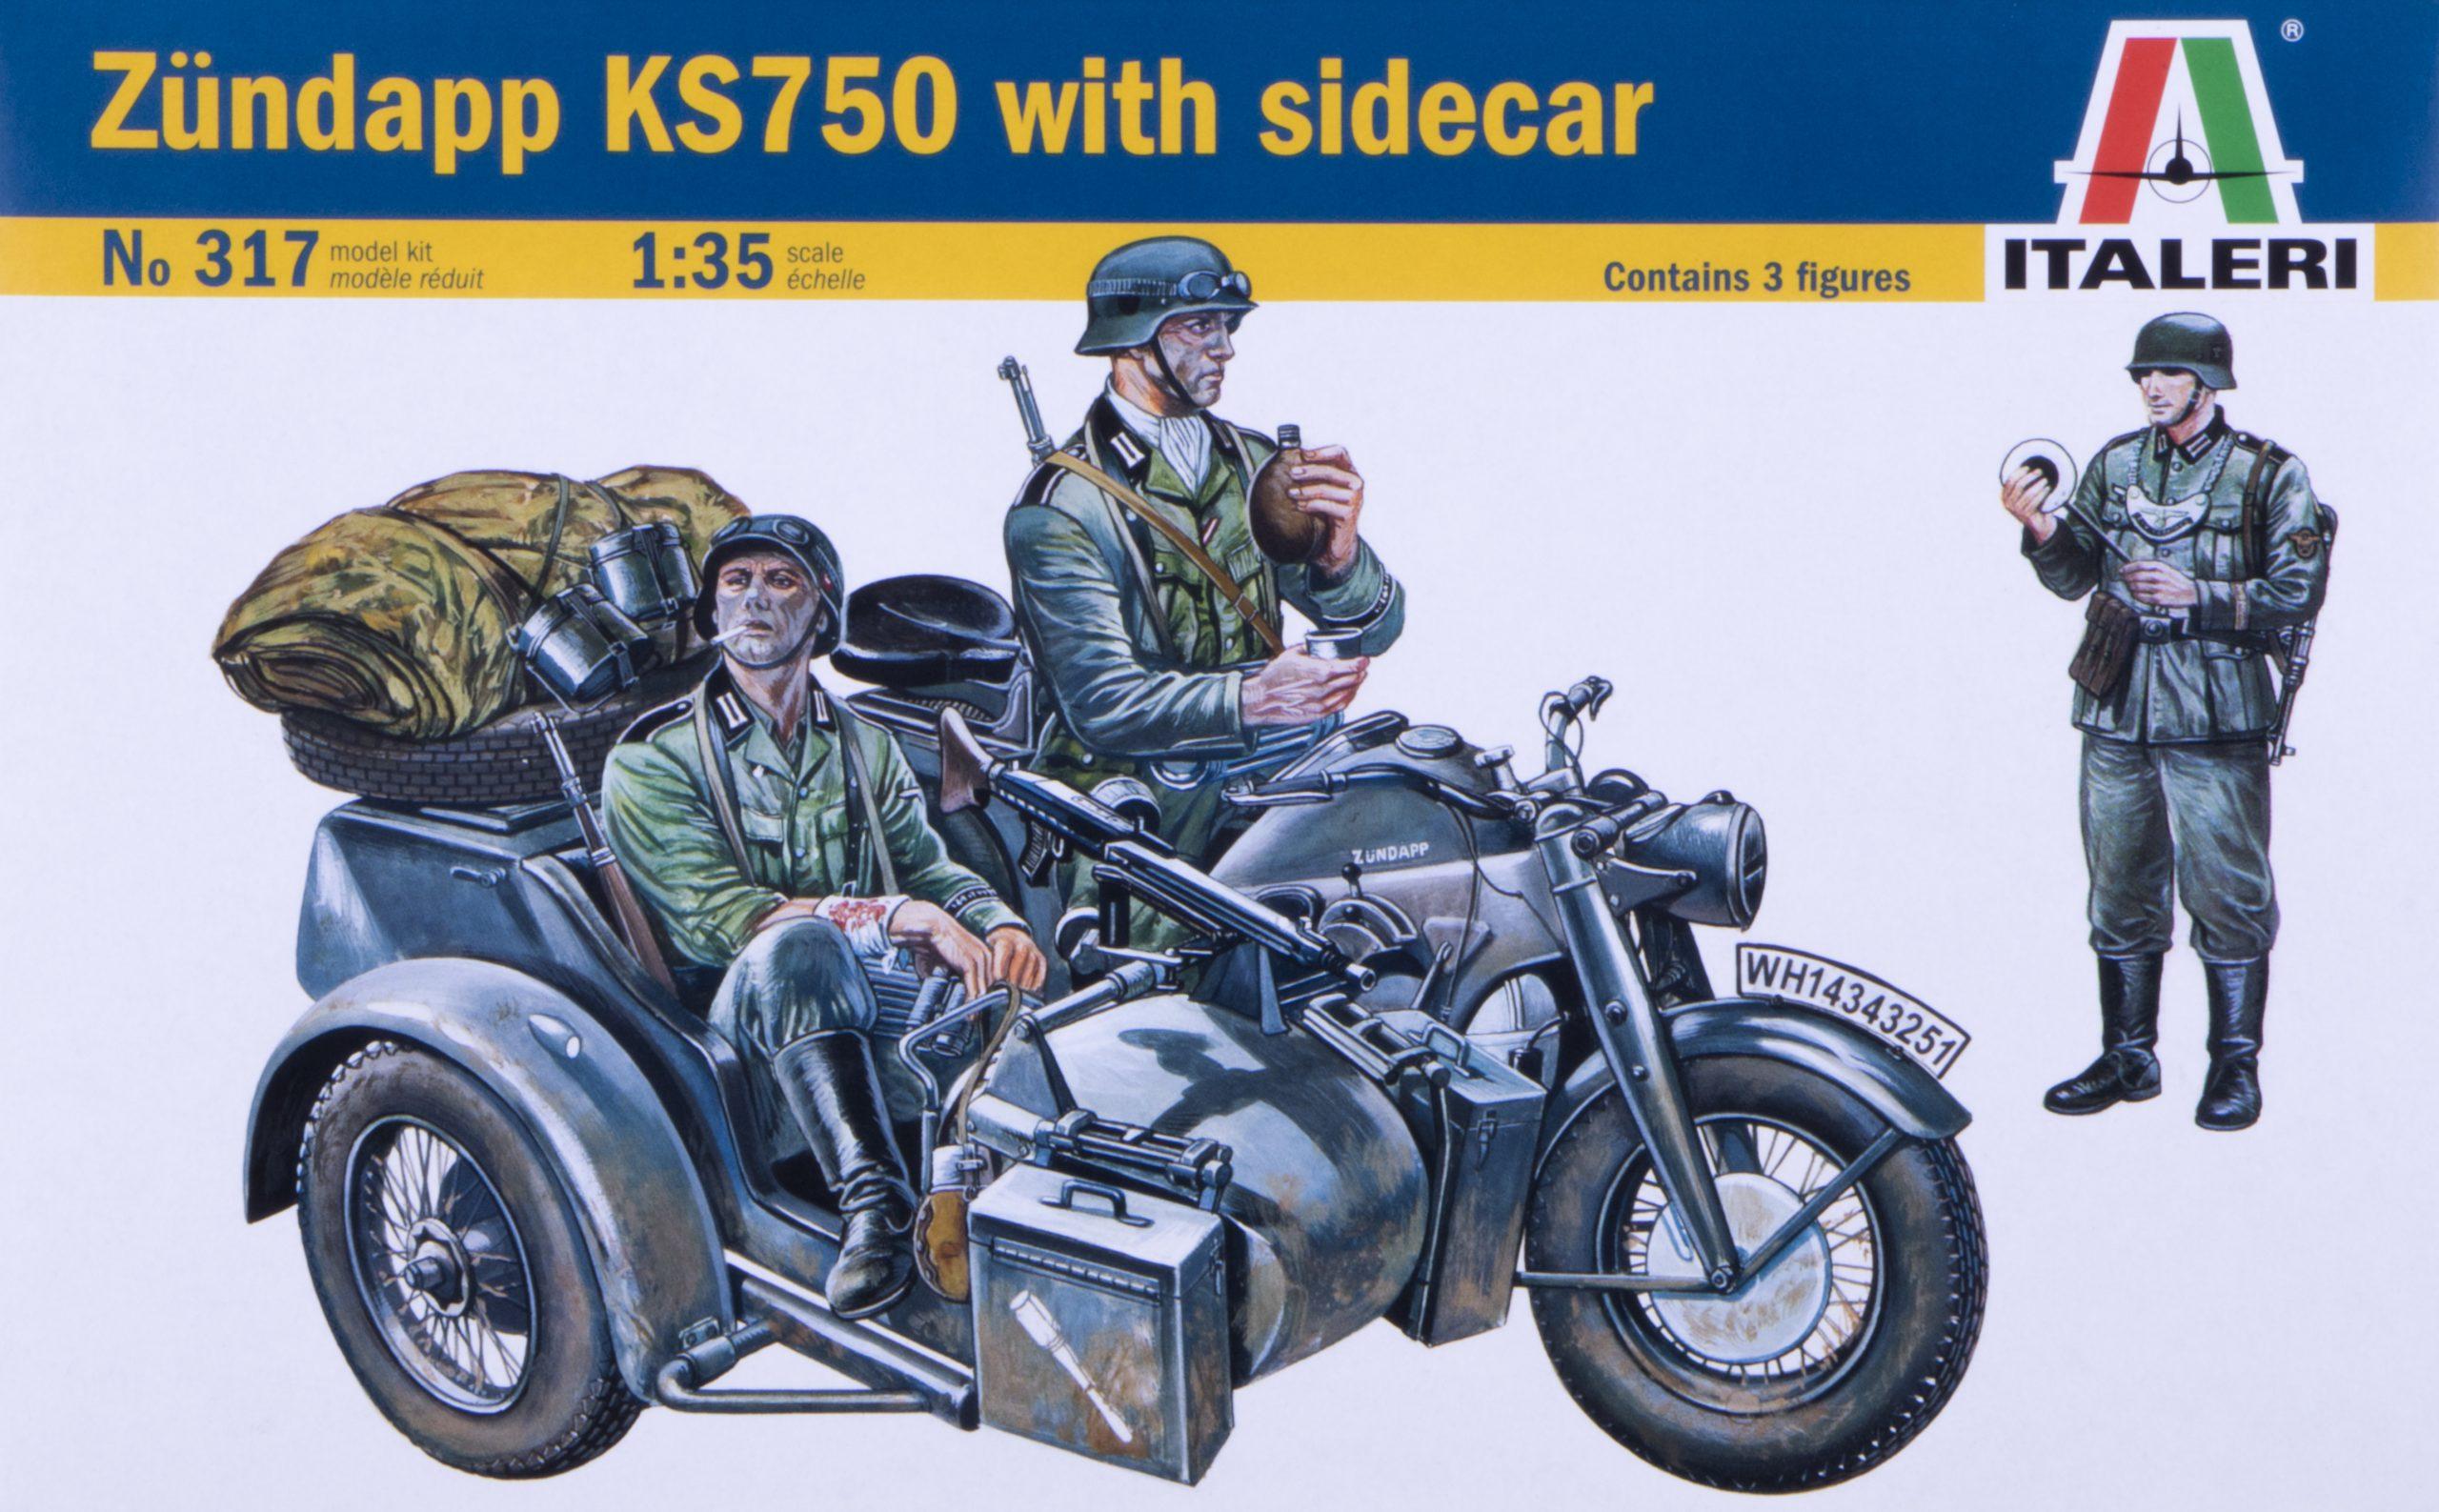 Zundapp KS750 1-35